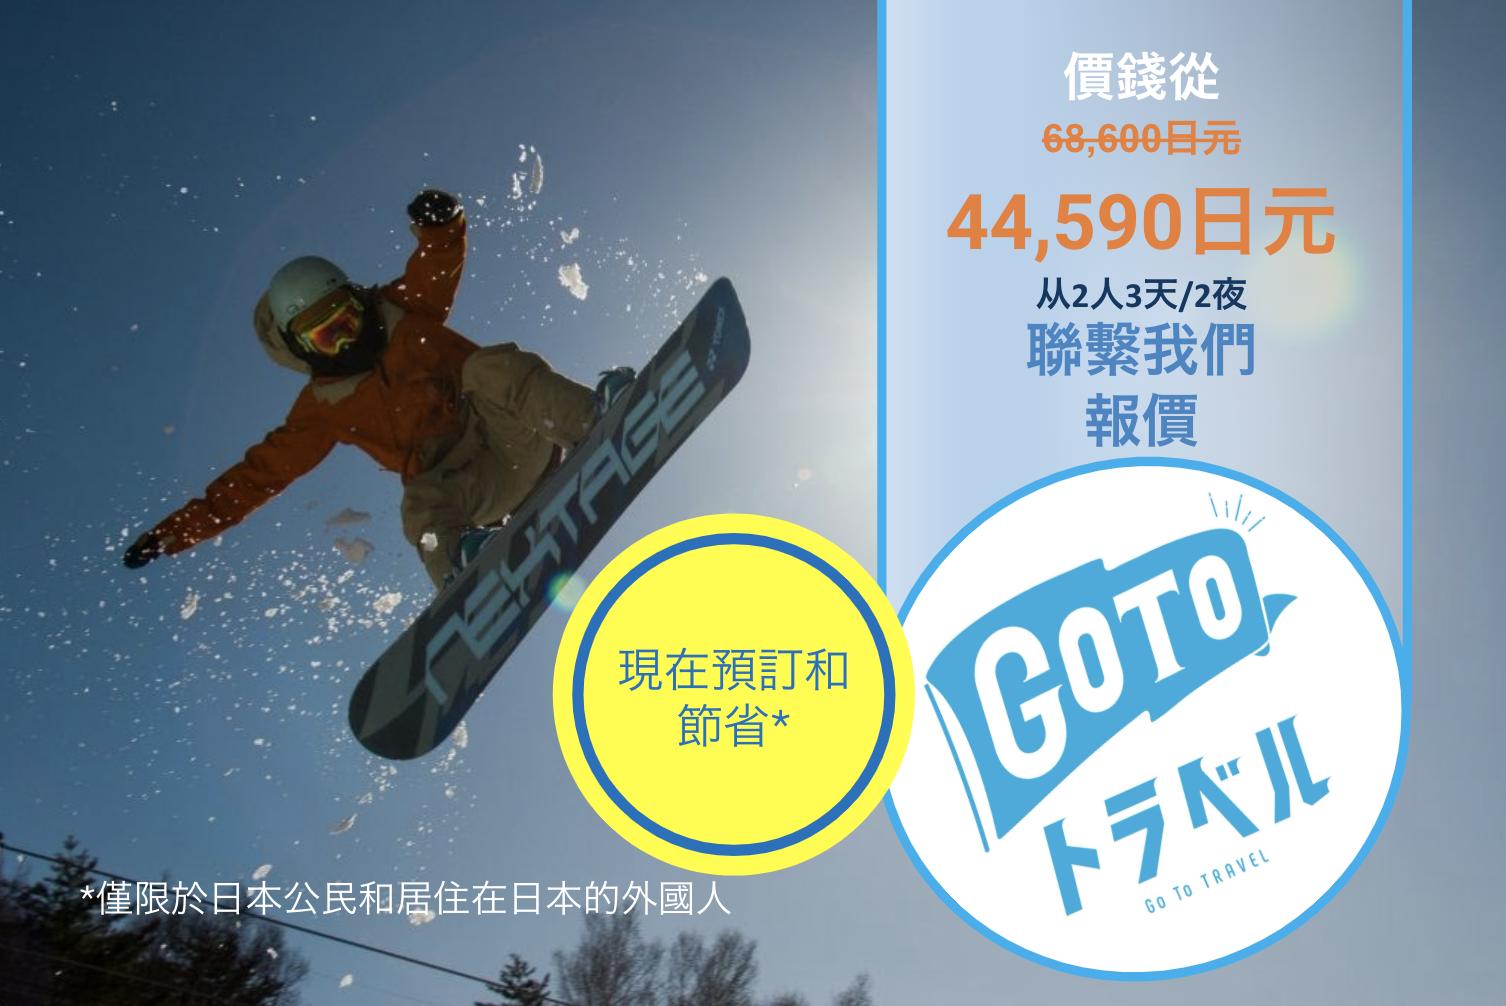 前往優惠活動:2020/21長野滑雪和單板滑雪配套